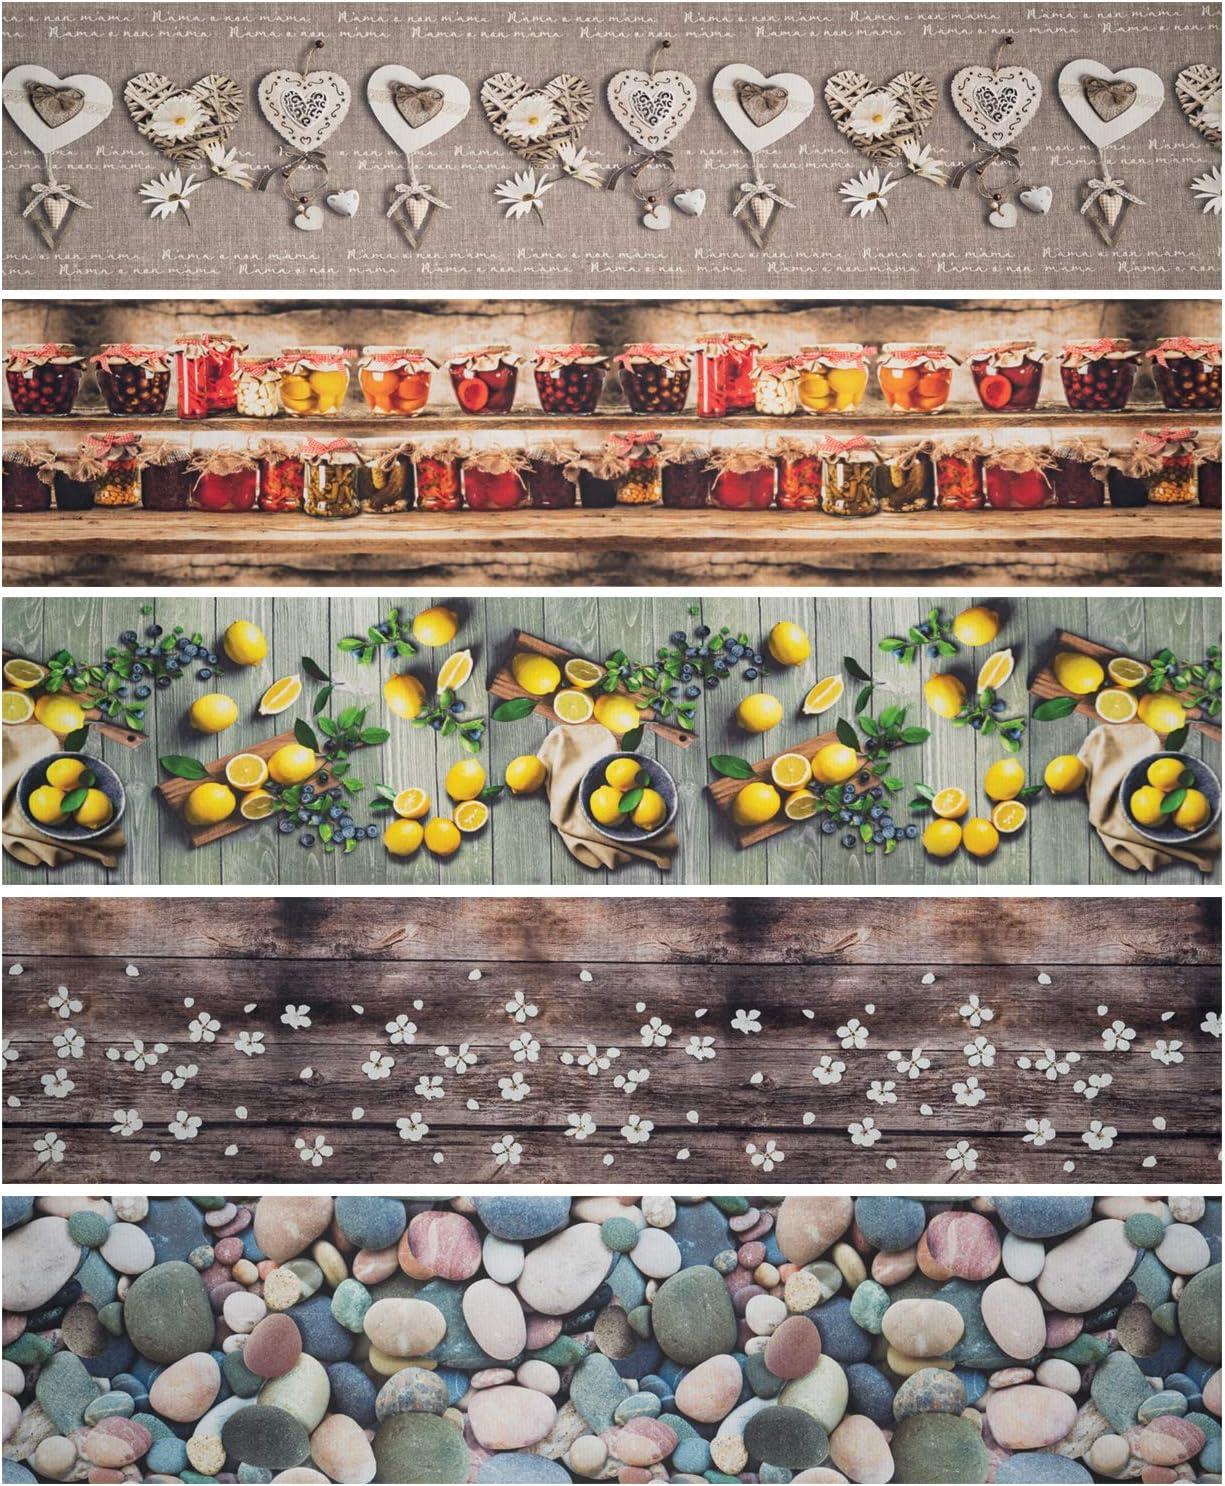 WohnDirect K/üchenl/äufer f/ür Innen bis 10m L/änge /• 100/% Polyester K/üchenl/äufer rutschfest /& leicht abwaschbar /• 50 x 50 cm